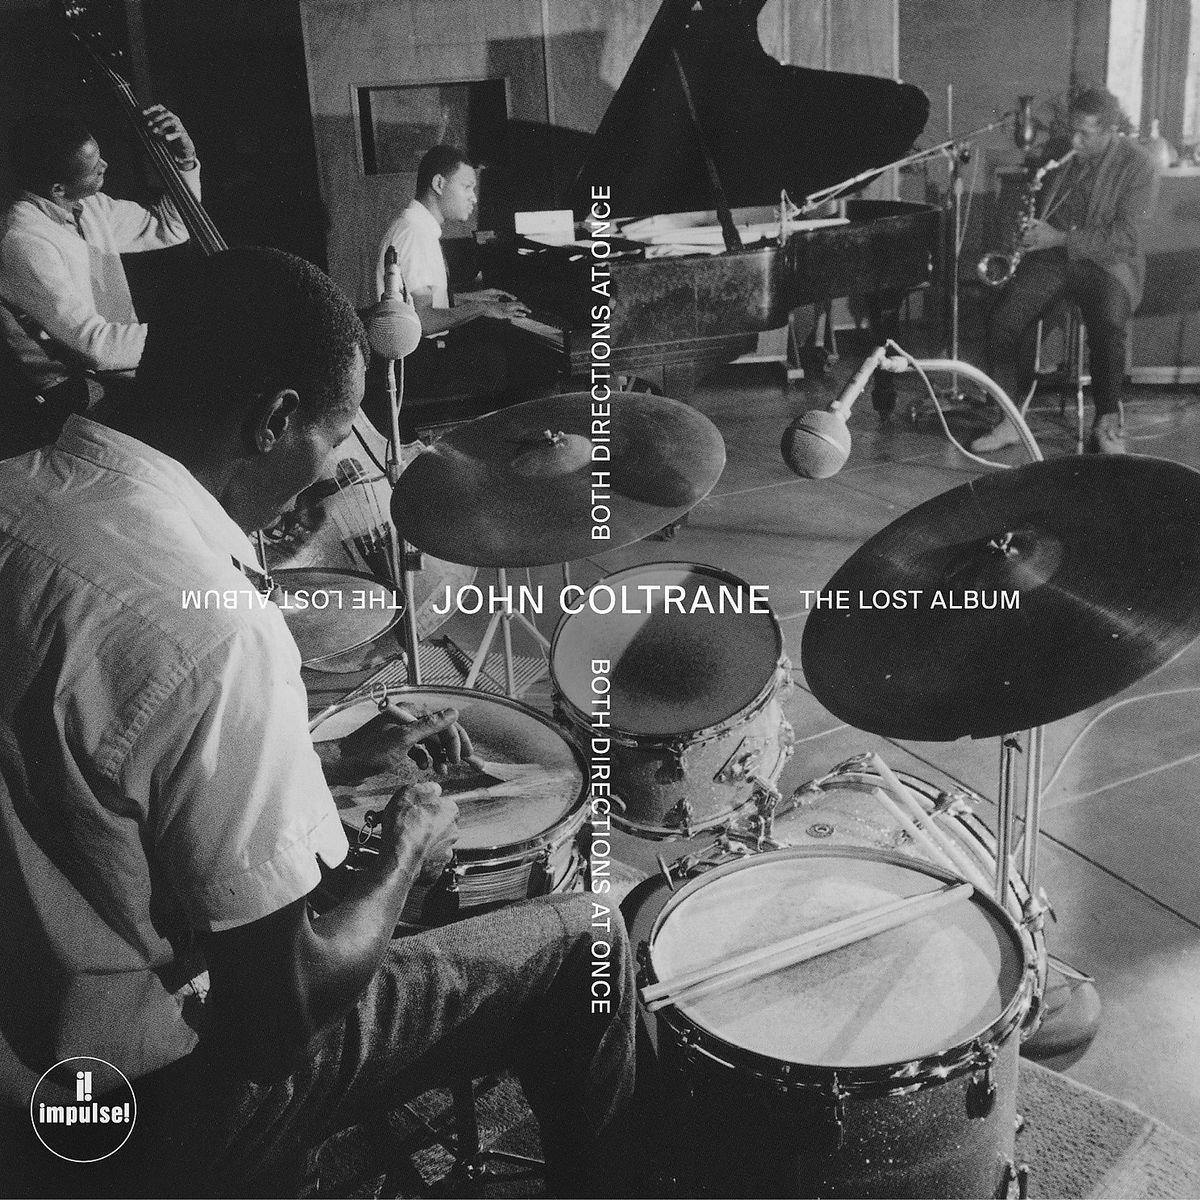 【輸入盤】ボス・ディレクションズ・アット・ワンス:ザ・ロスト・アルバム [ John Coltrane ]